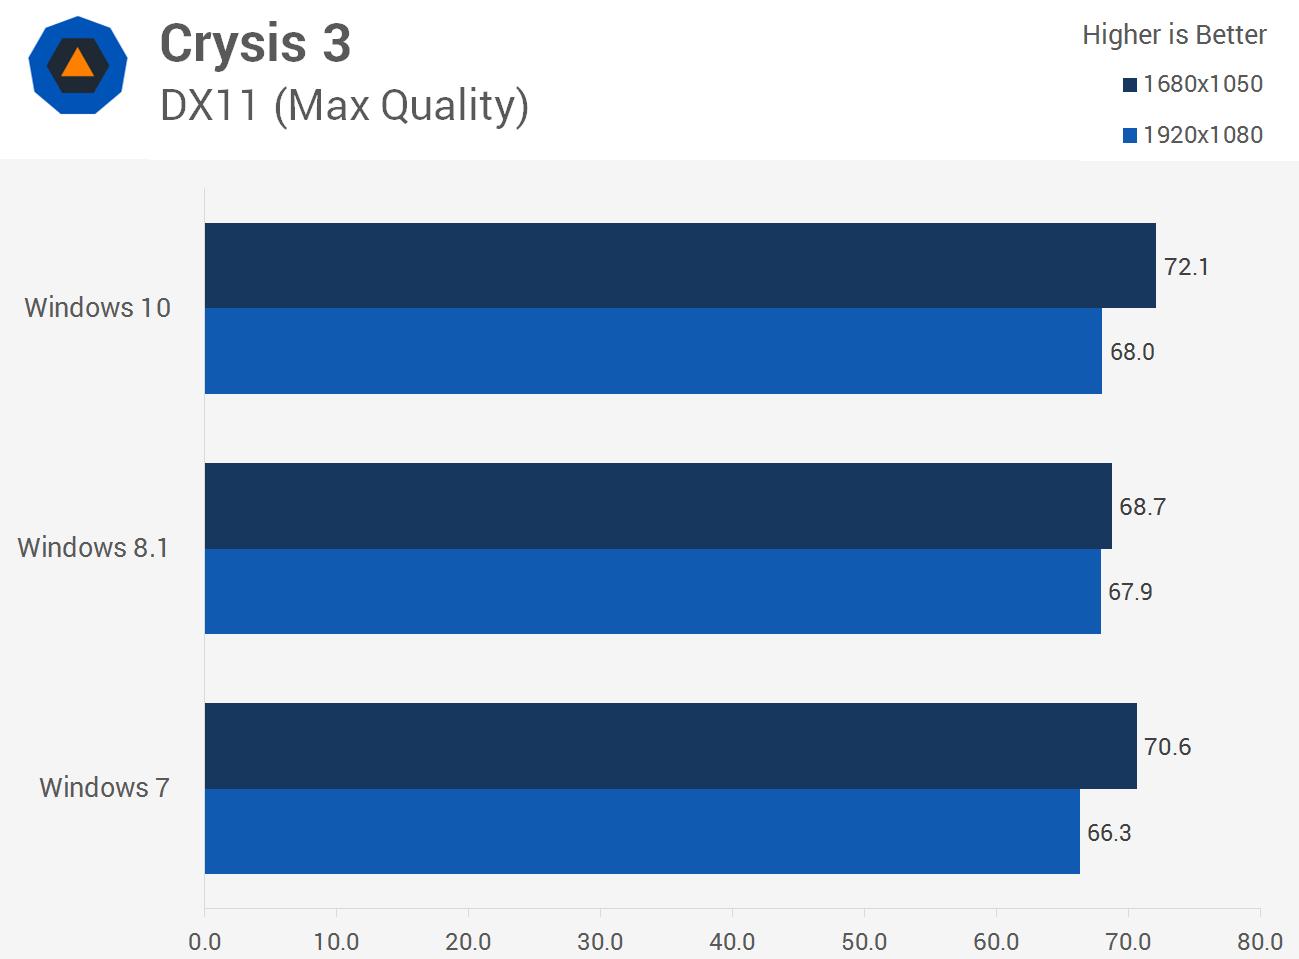 سرعت اجرای بازی Crysis 3 در ویندوز 10، ویندوز 8.1 و ویندوز 7